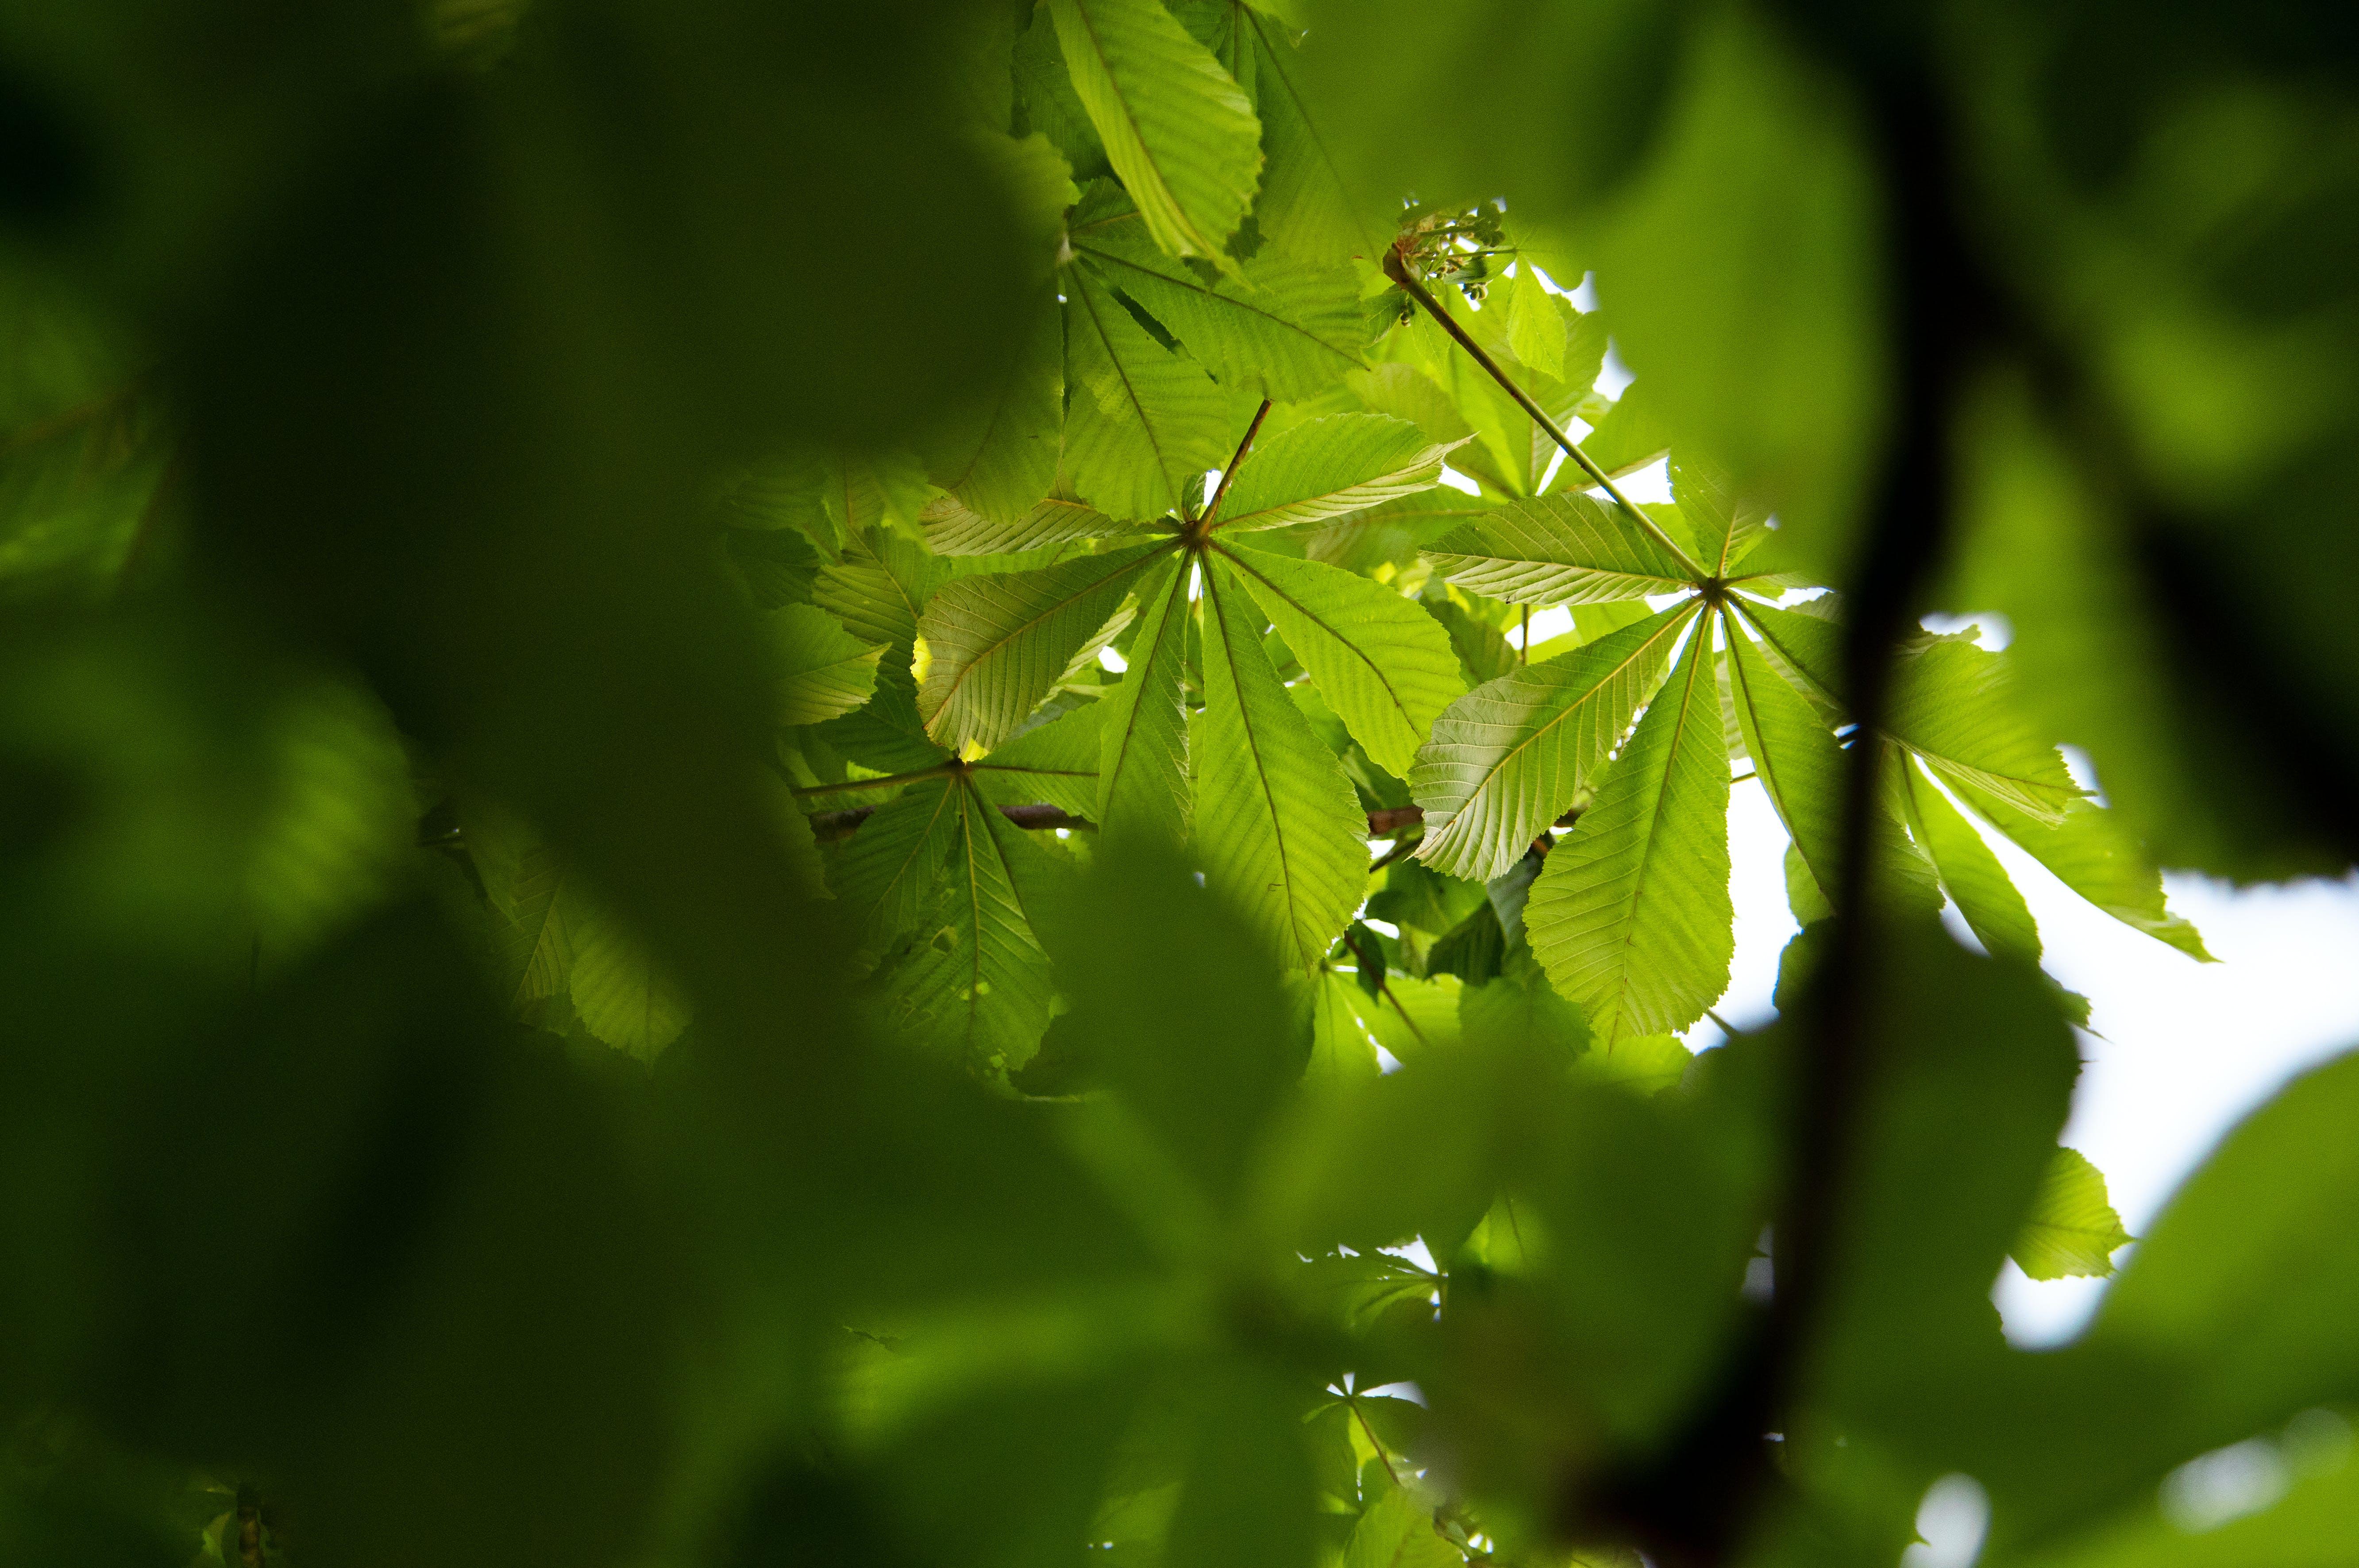 Gratis lagerfoto af baggrund, blad, farve, farverig